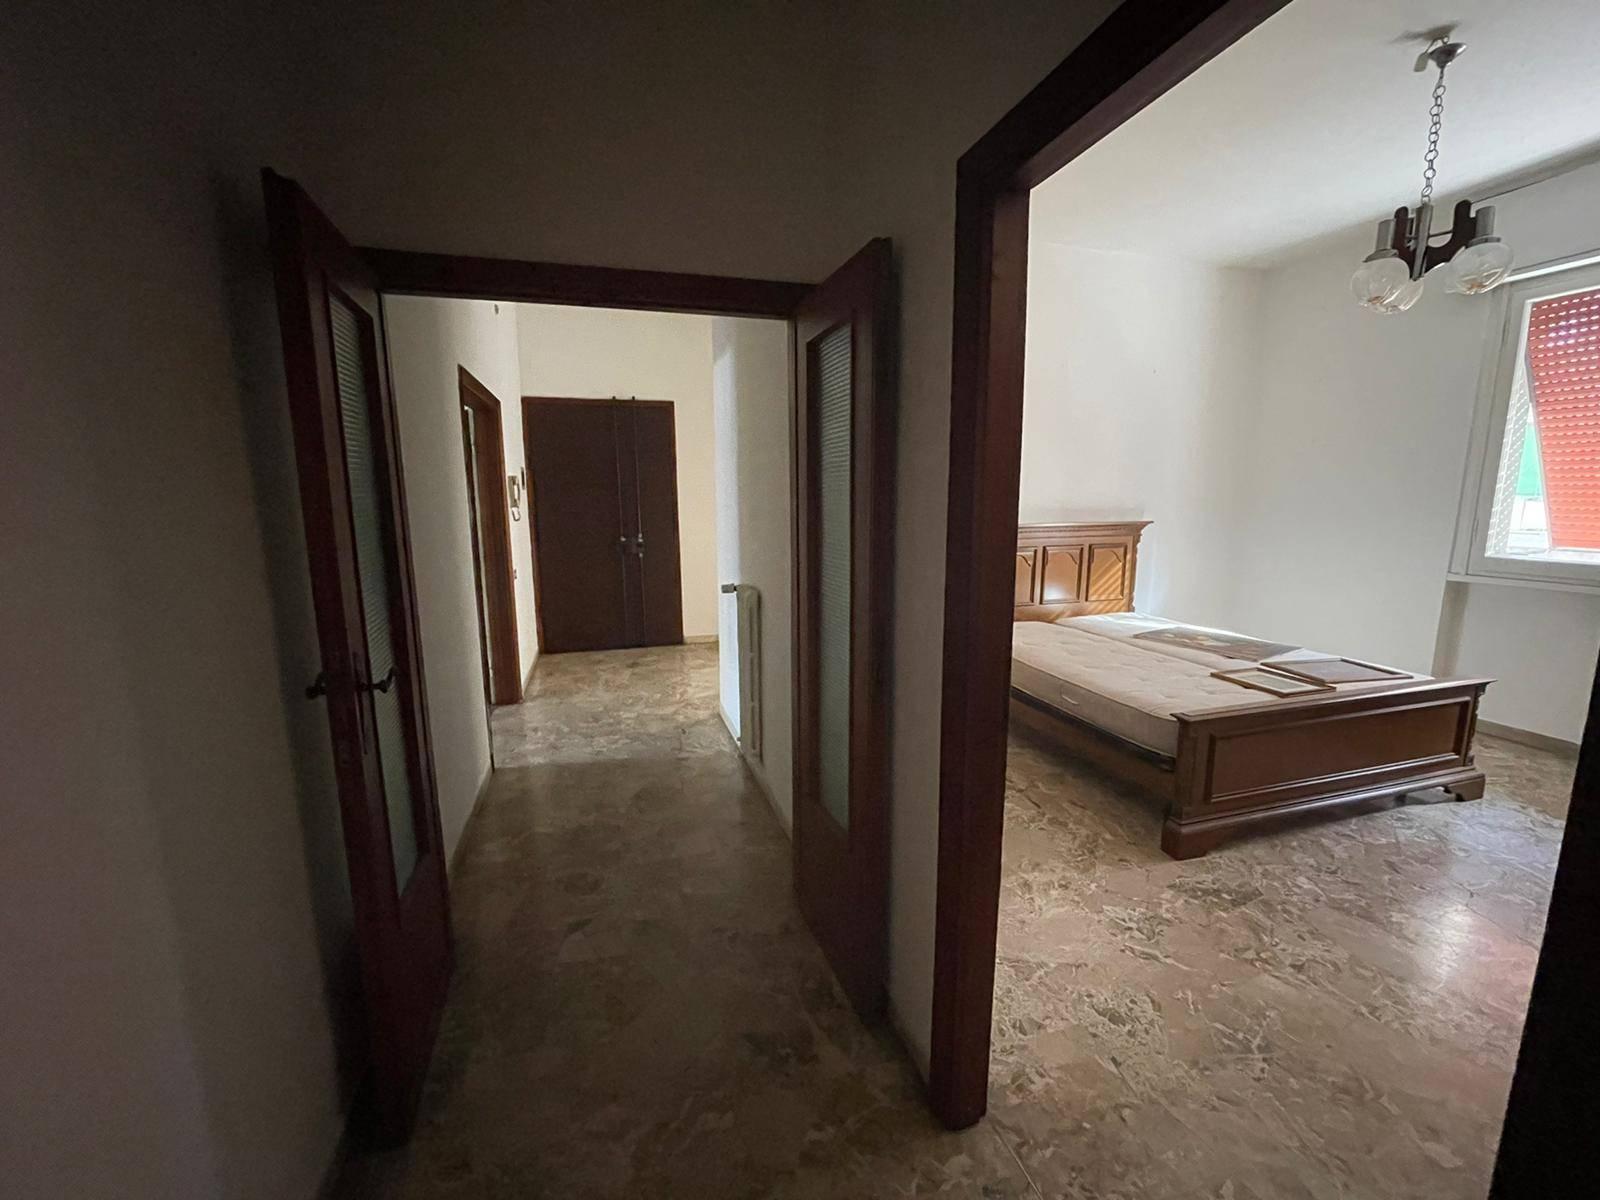 camera e ingresso